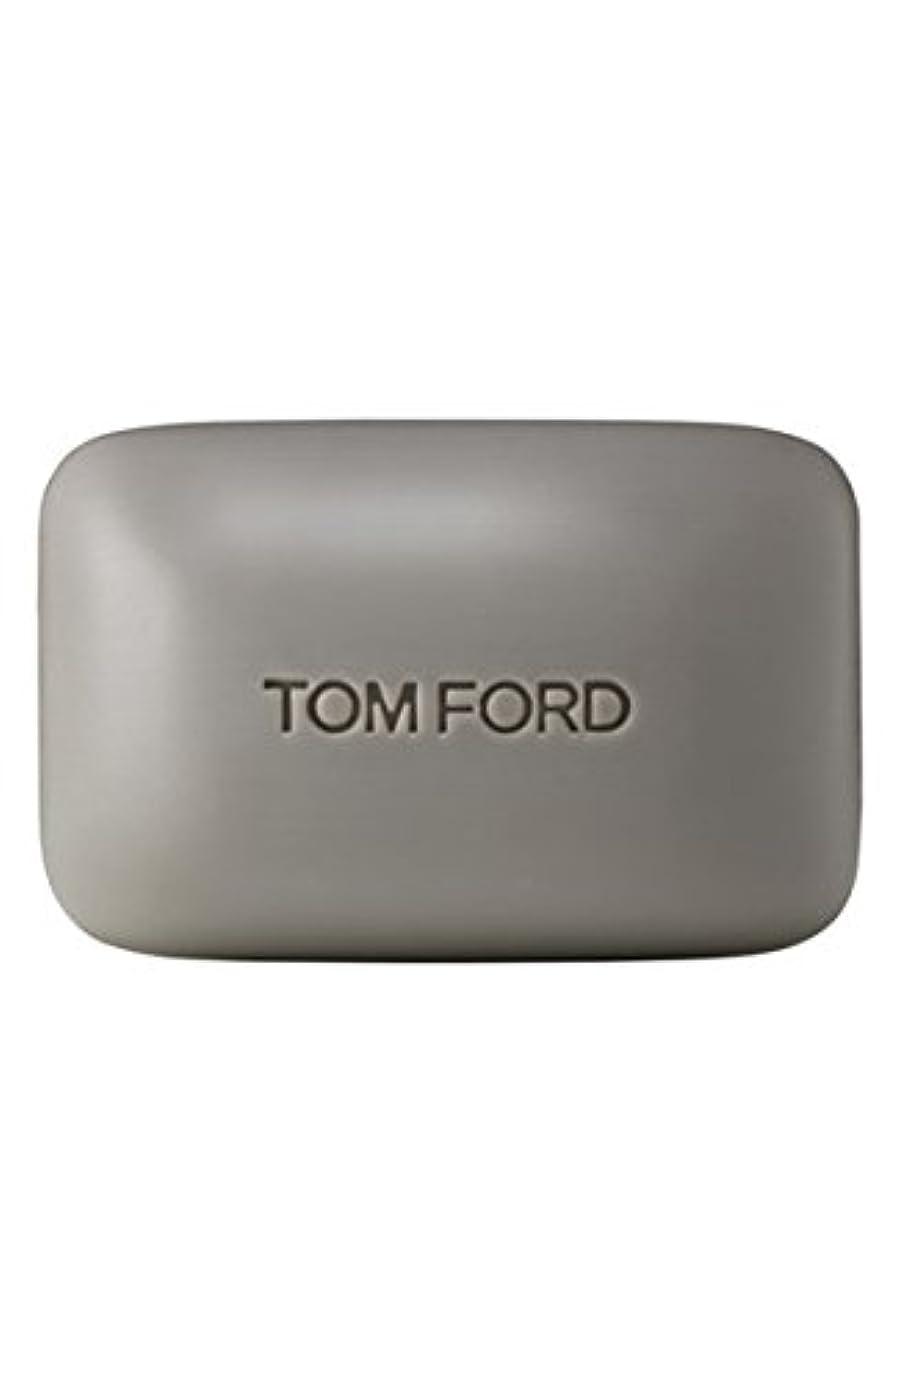 要求する計り知れない会話型Tom Ford Private Blend 'Oud Wood' (トムフォード プライベートブレンド オードウッド) 5.5 oz (165ml) Bar Soap (固形石鹸)